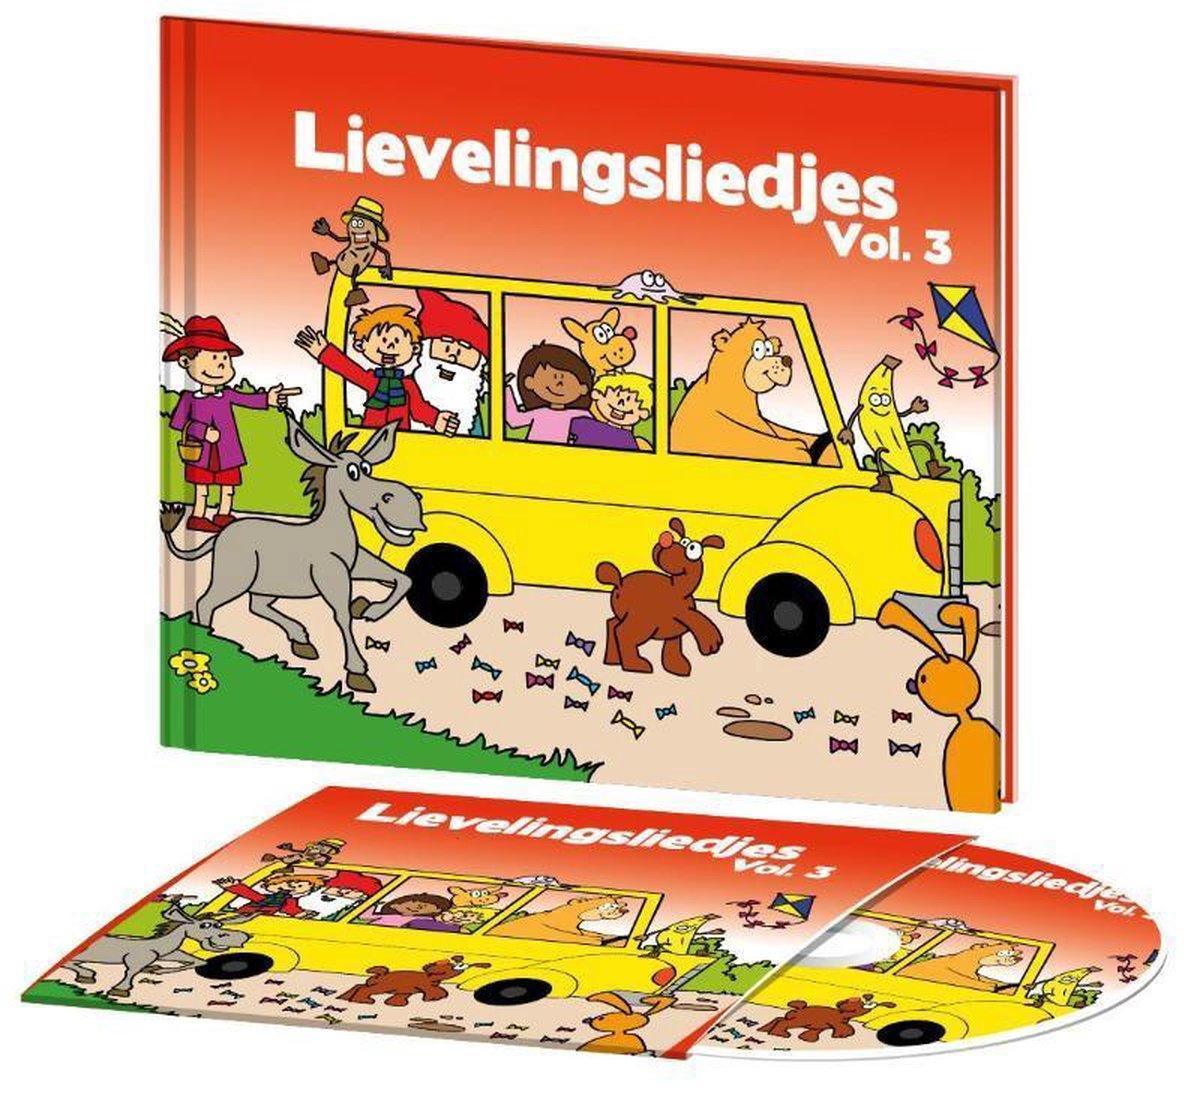 Lievelingsliedjes volume 3 - Kids Marketeers